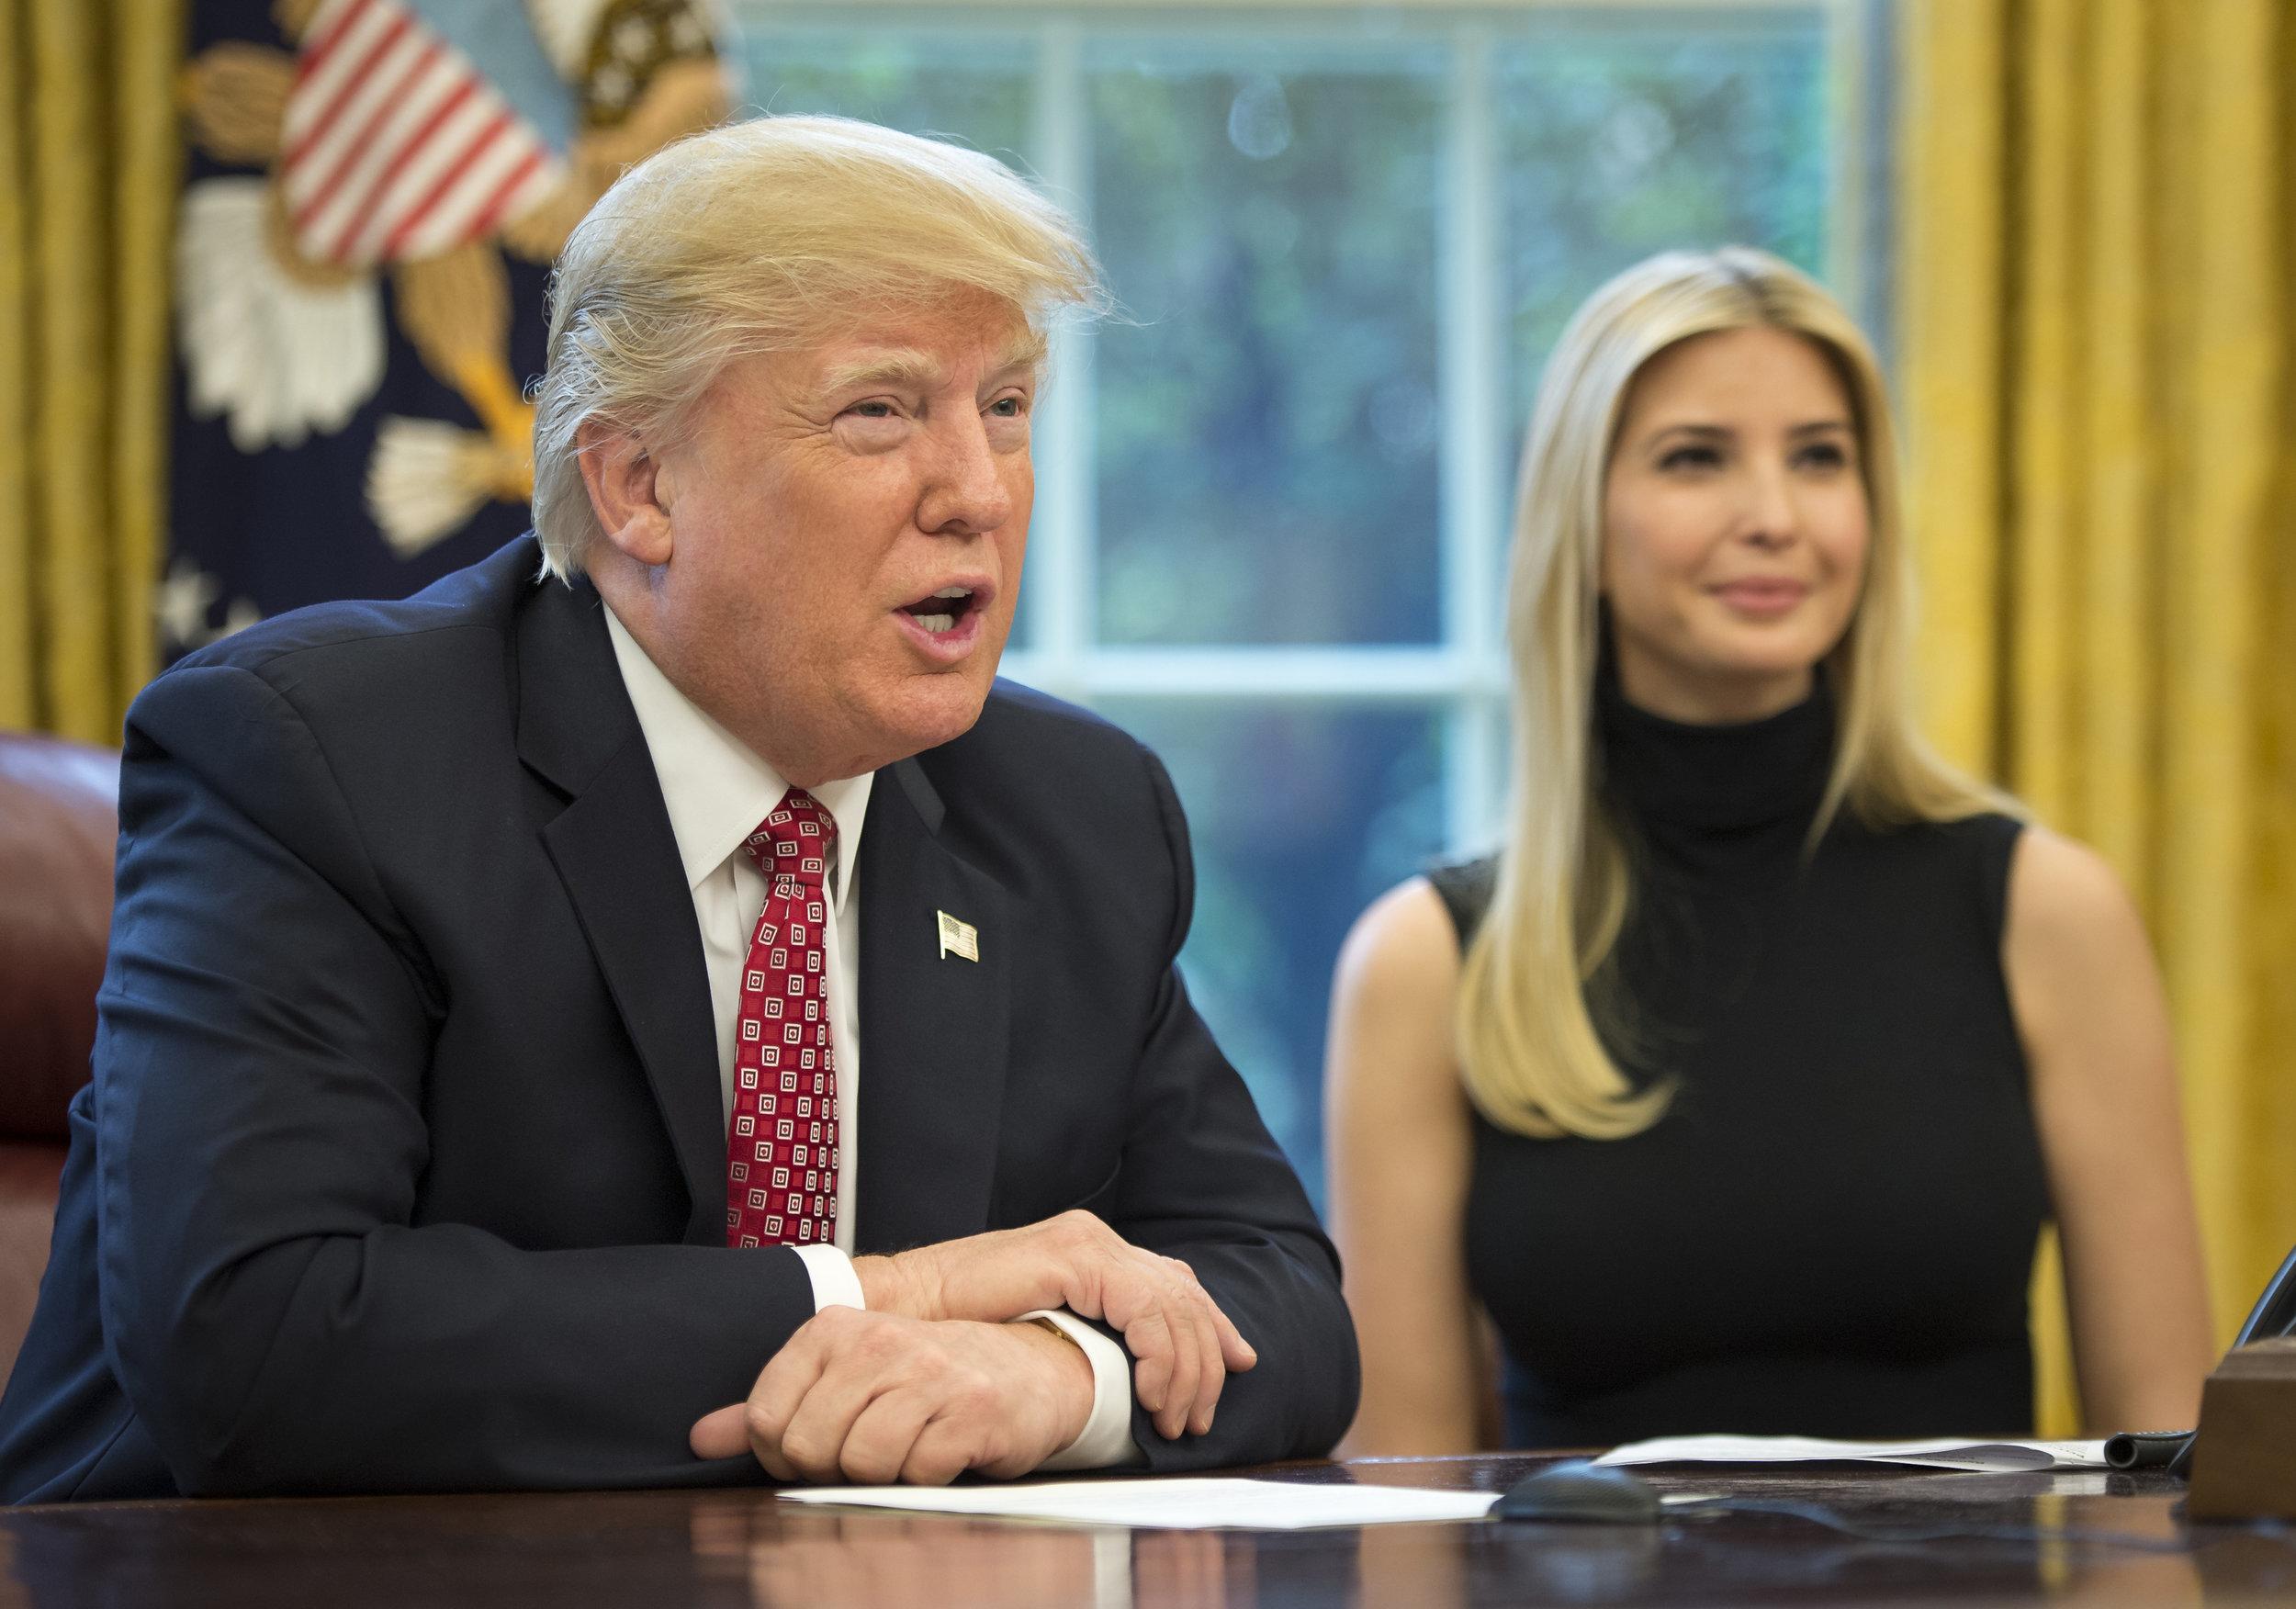 President Trump Talks to ISS Crew